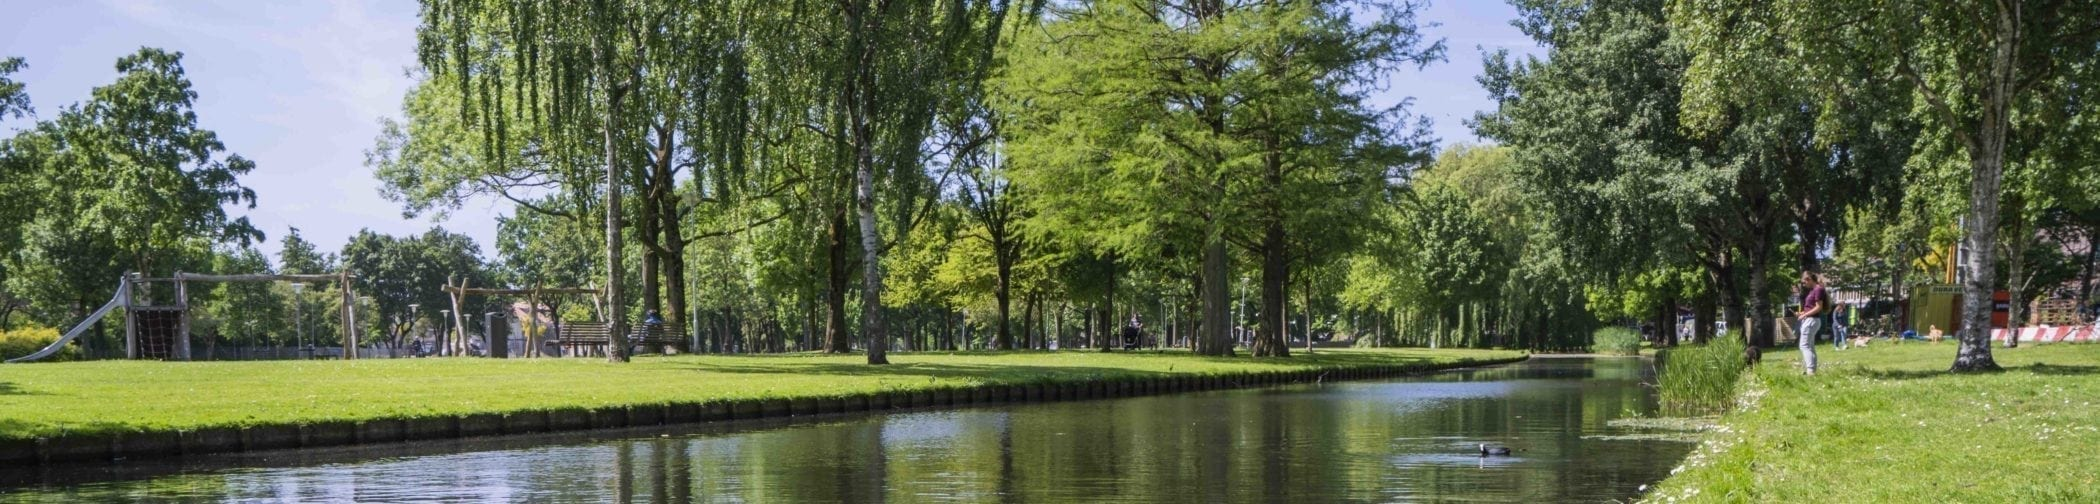 Over Vreewijk